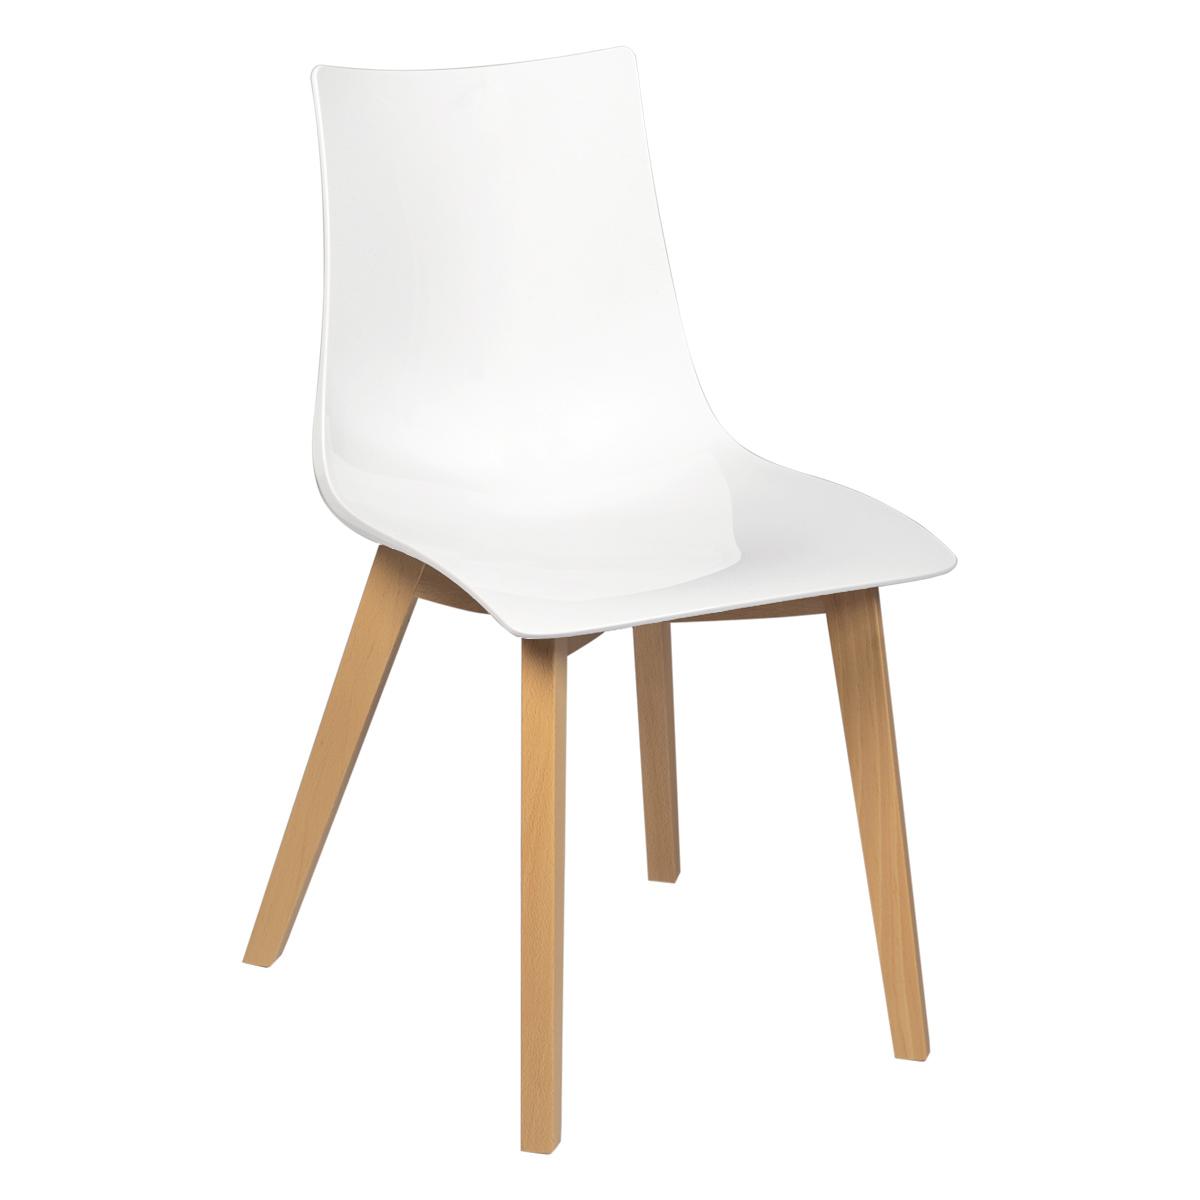 chaise zen blanc laque bois